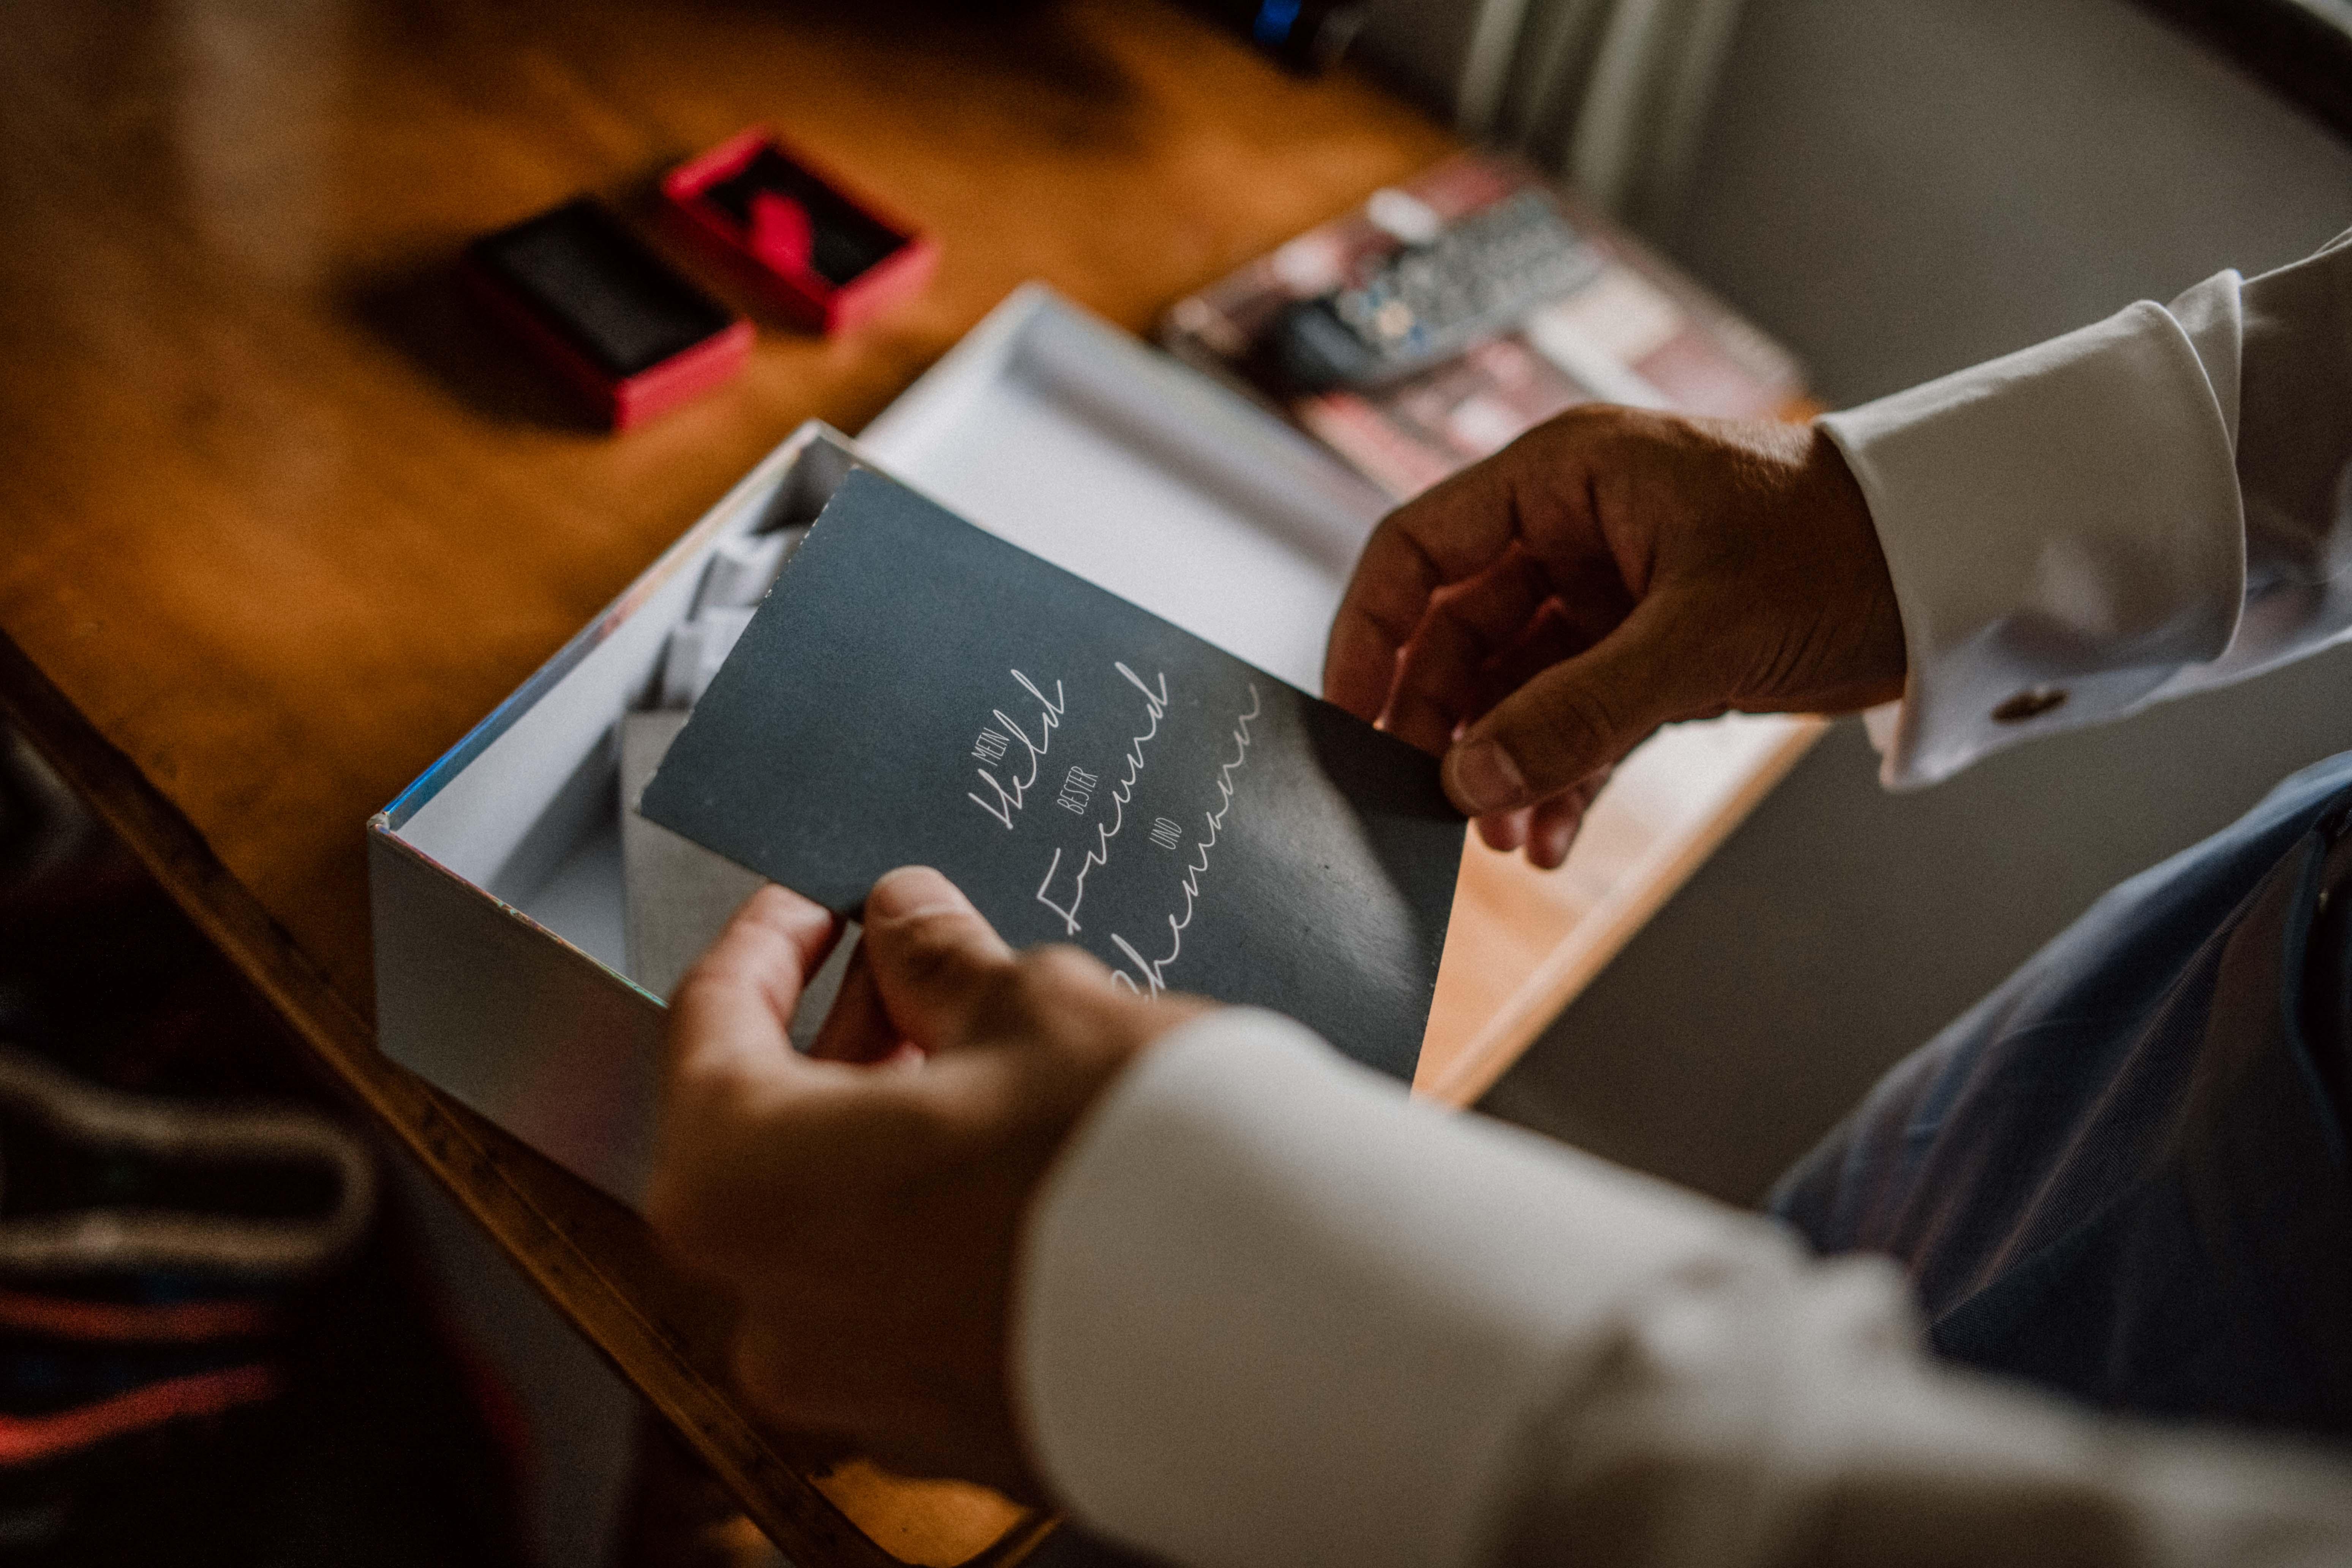 überraschung geschenk sonja poehlmann photography couples muenchen bayern